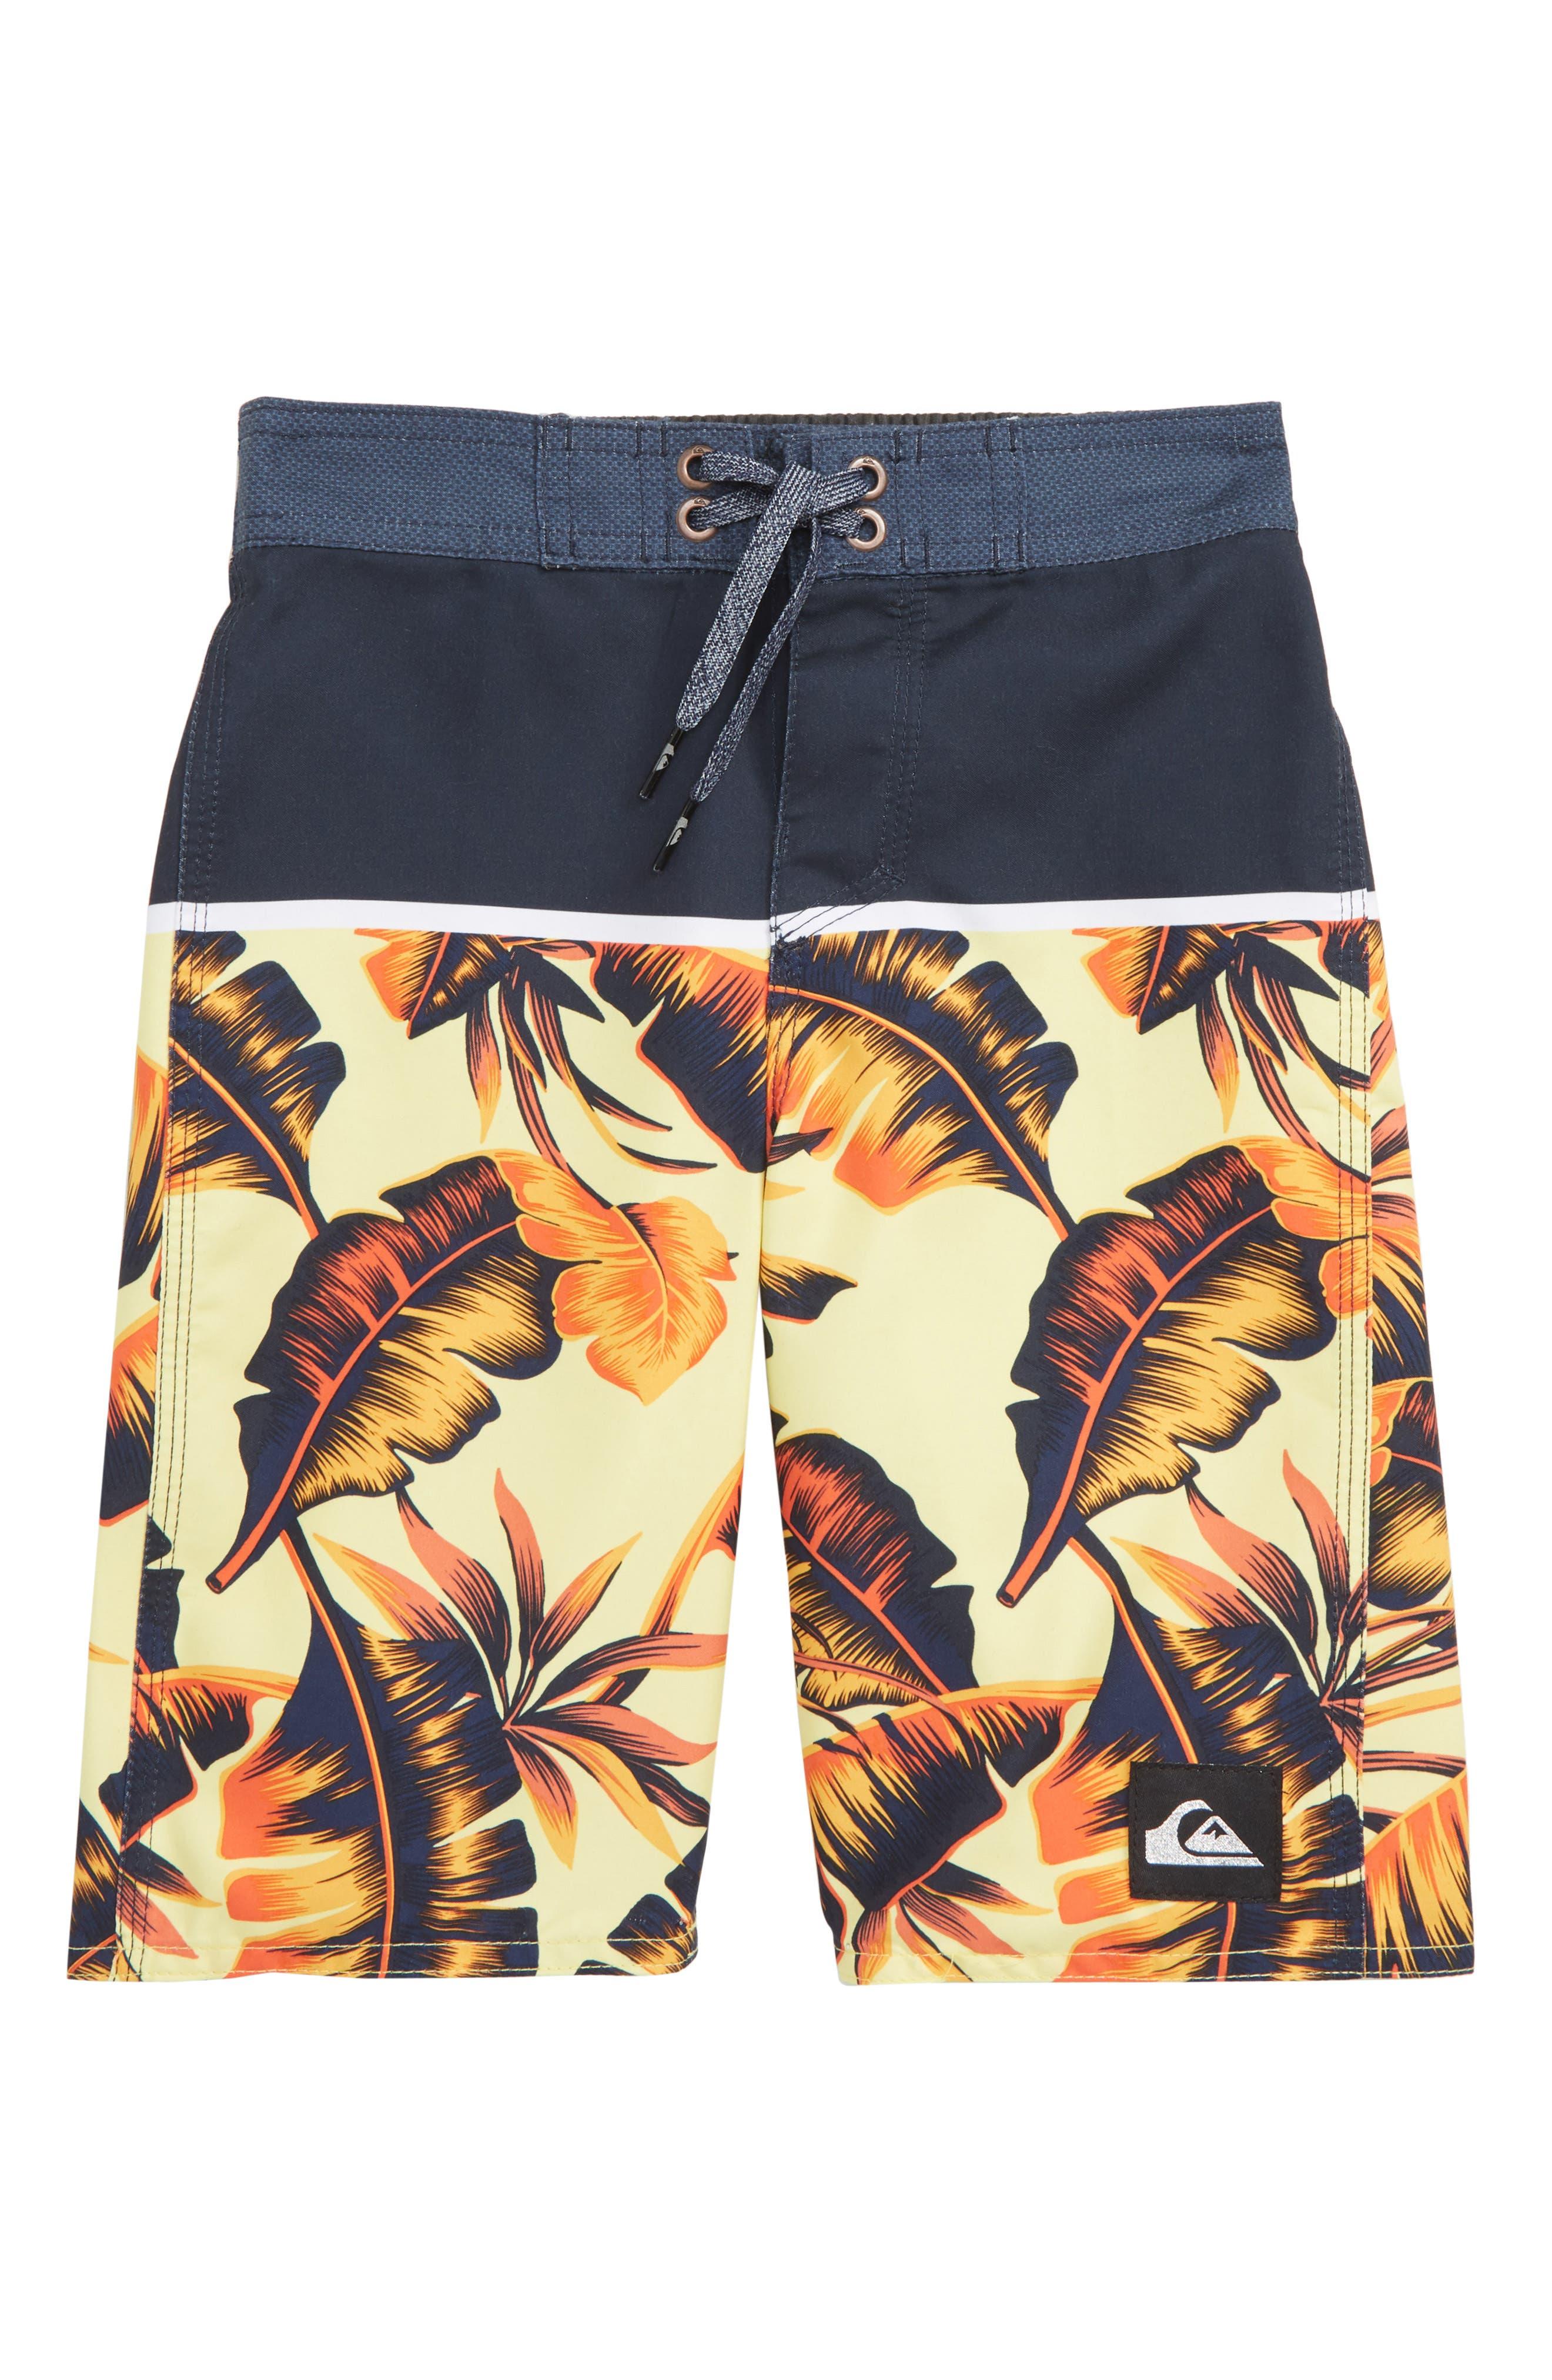 QUIKSILVER Everyday Noosa Board Shorts, Main, color, NAVY BLAZER